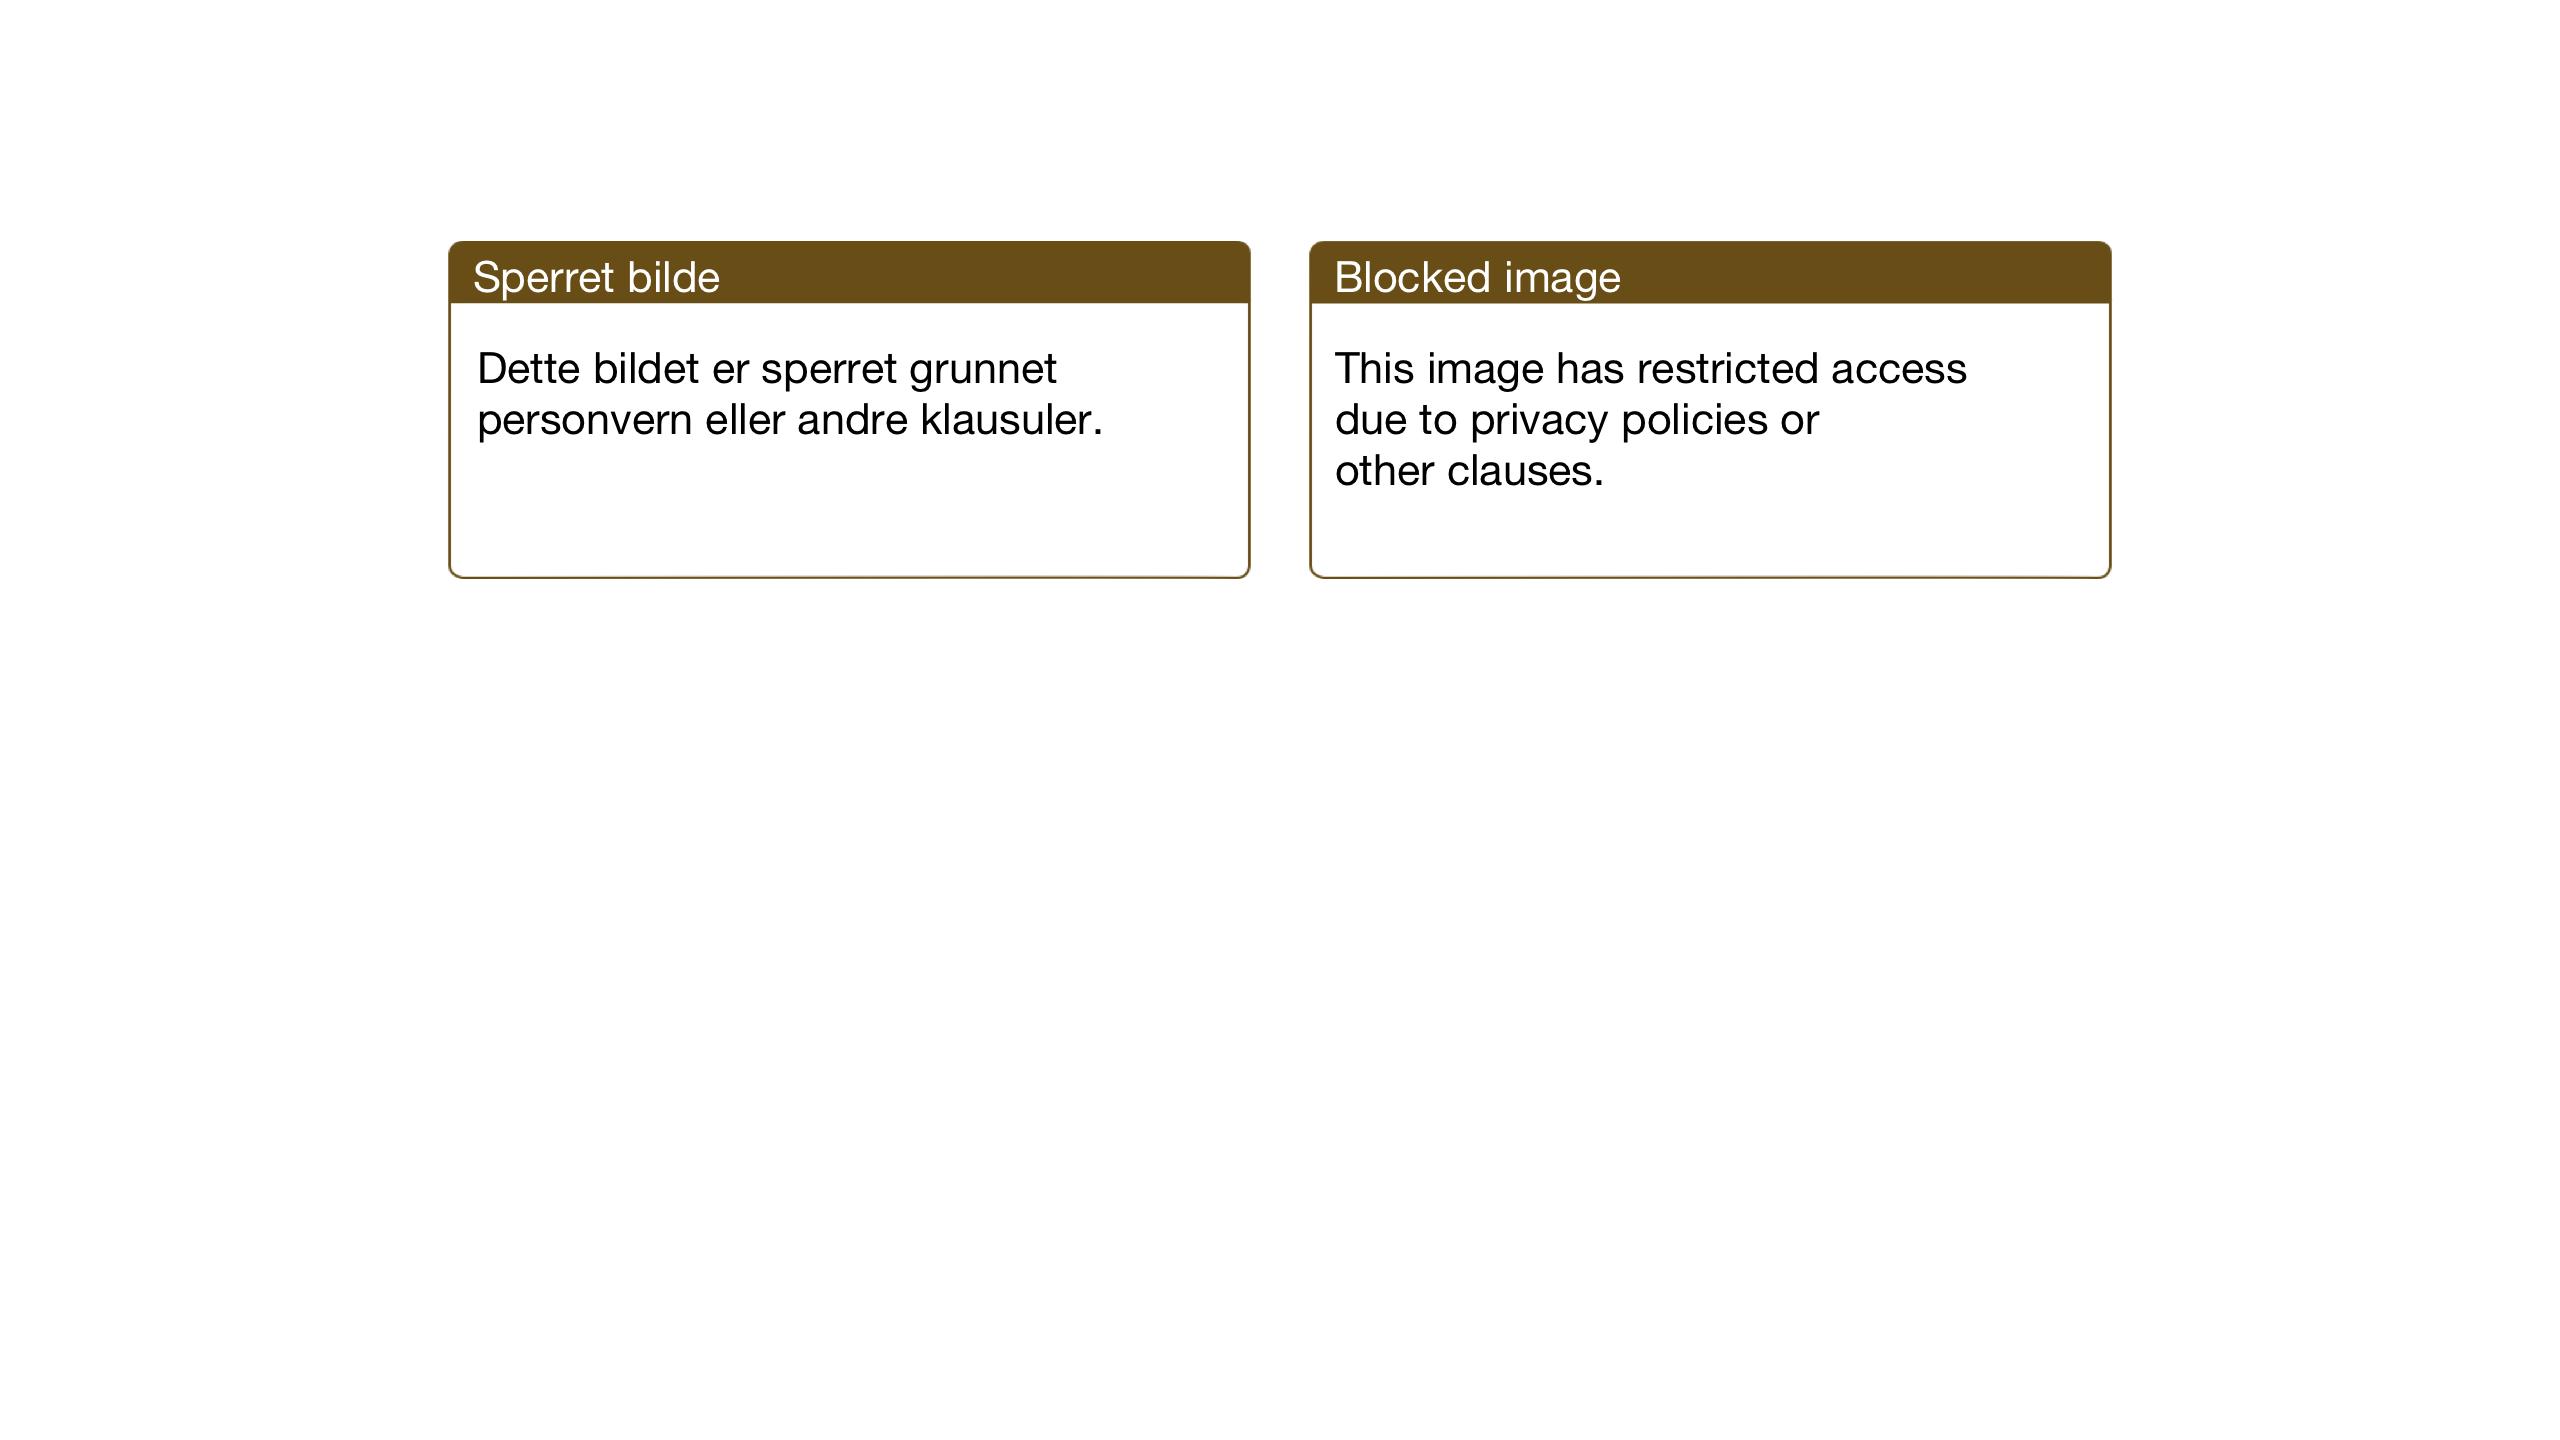 SAT, Ministerialprotokoller, klokkerbøker og fødselsregistre - Nord-Trøndelag, 722/L0227: Klokkerbok nr. 722C03, 1928-1958, s. 16